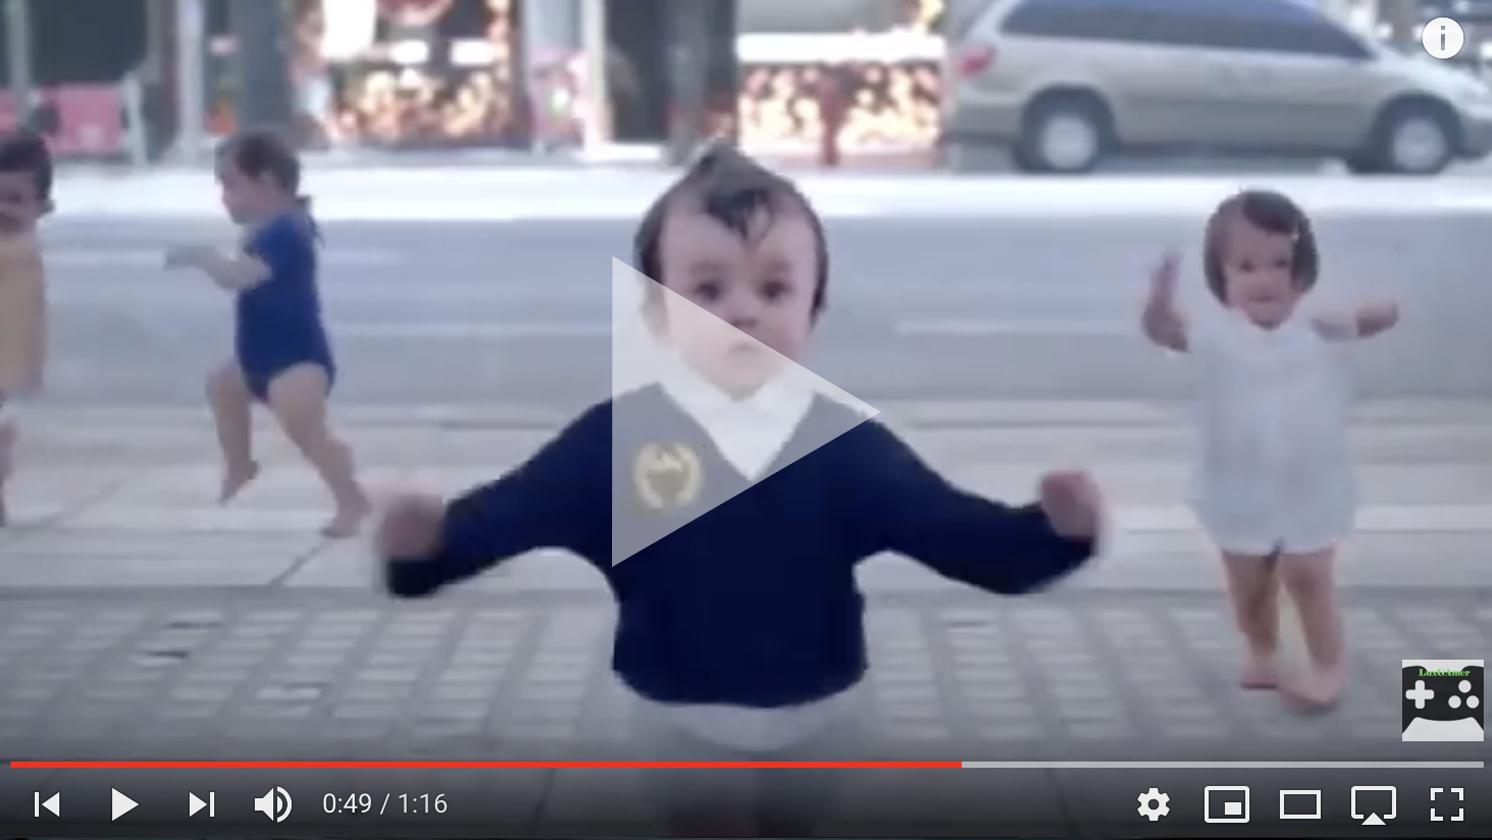 Deze afbeelding hoort bij FrankWatching Blog: Dit moet weten om jouw videos viraal te laten gaan van Stephan Makatita. Dit is een voorbeeld van een emotionele video van Evian.